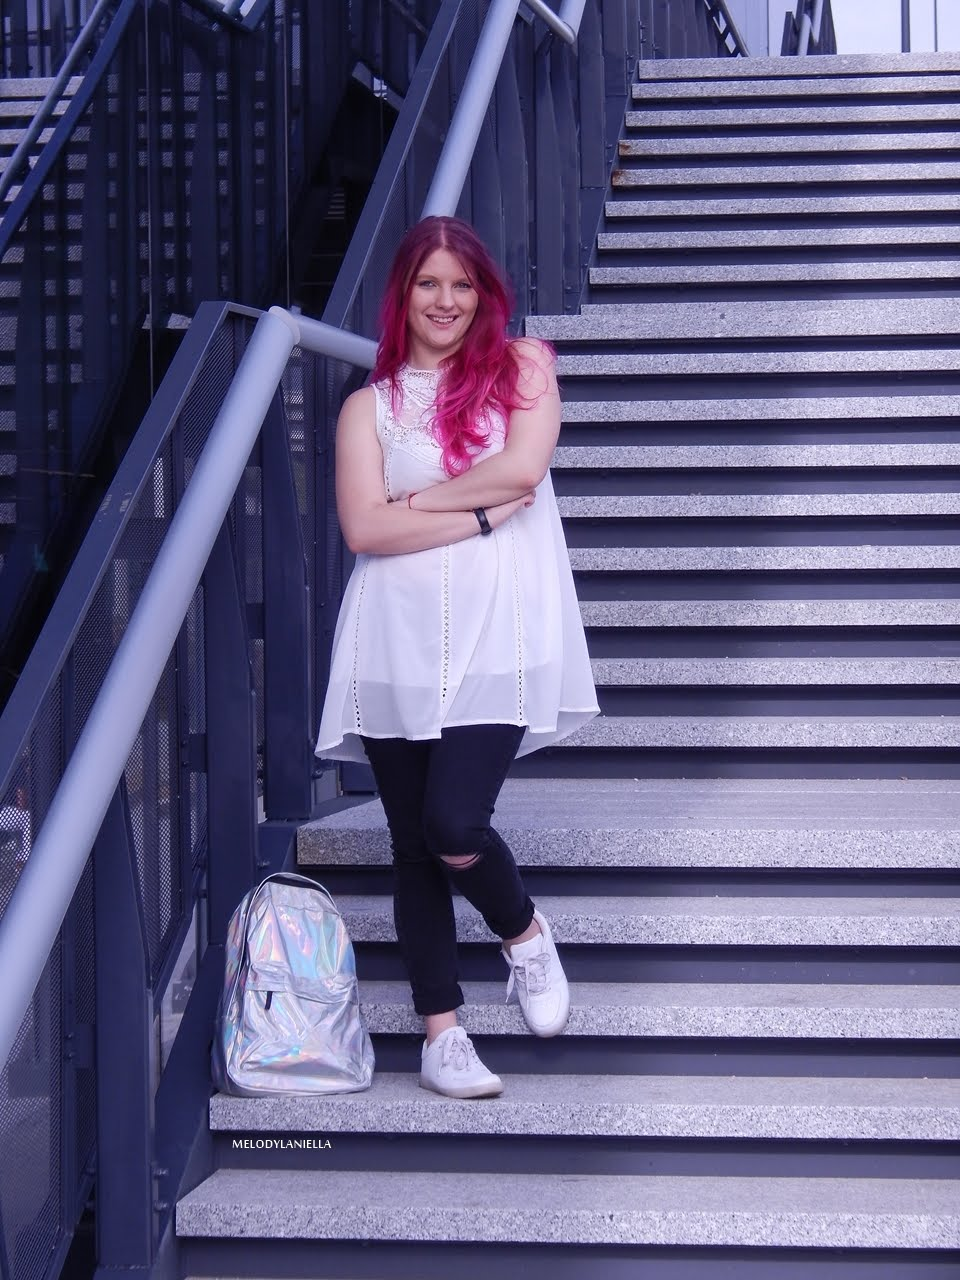 9 holograficzny plecak betterlook.pl farby venita różowe włosy jak pofarbować włosy kolorowe włosy ombre pink hair paul rich watches zegarek czarne jeansy z dziurami modna polka lookbook